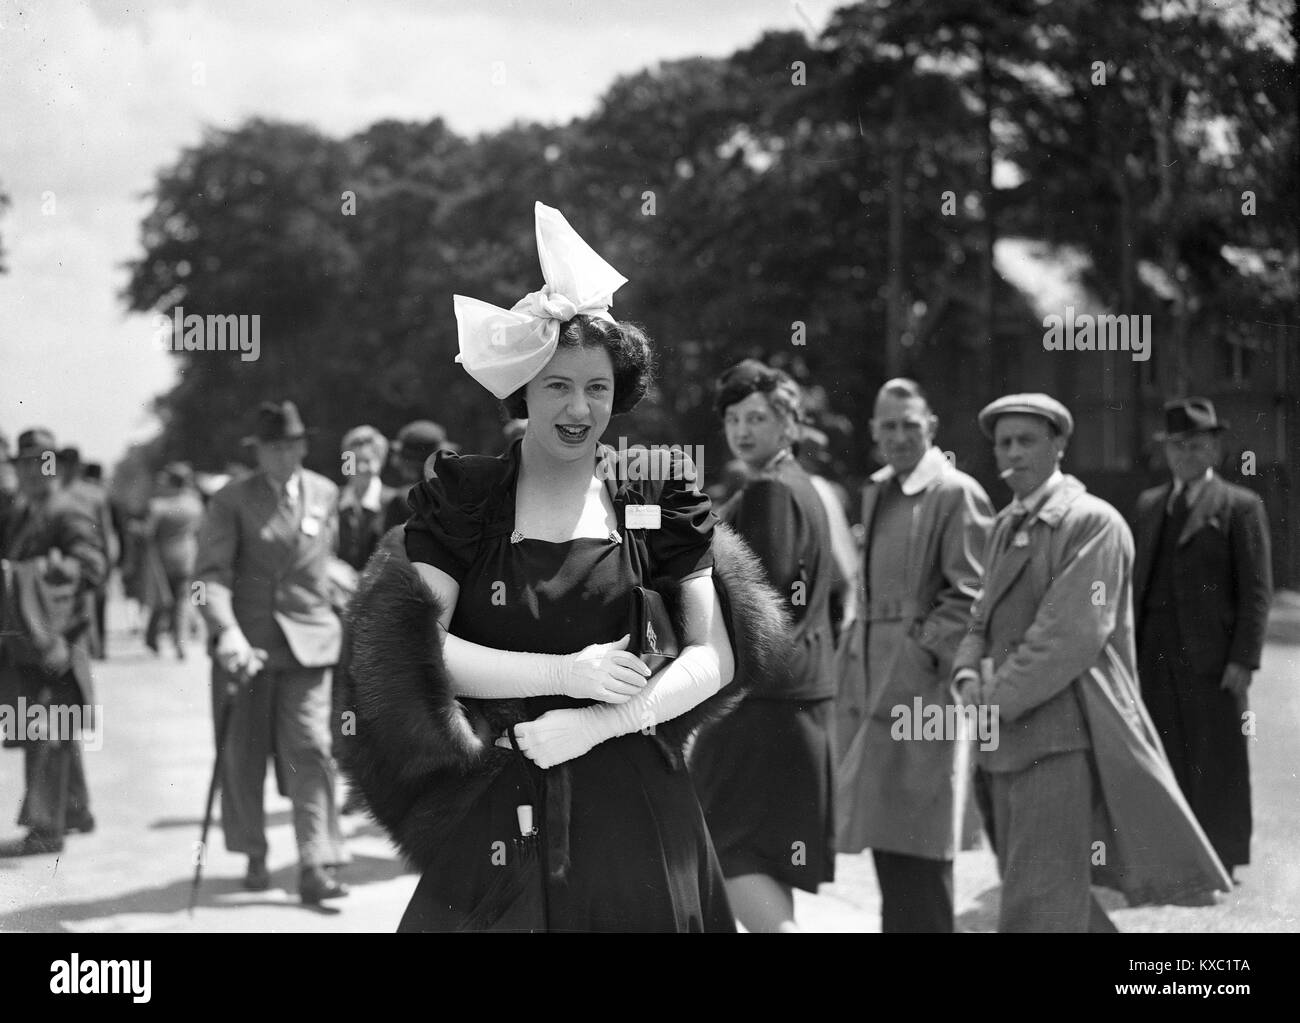 Tourner La Tete Pour Regarder Une Jeune Femme A La Mode Chic Avec Sa Robe Et Chapeau A Royal Ascot 1937 Photo Stock Alamy